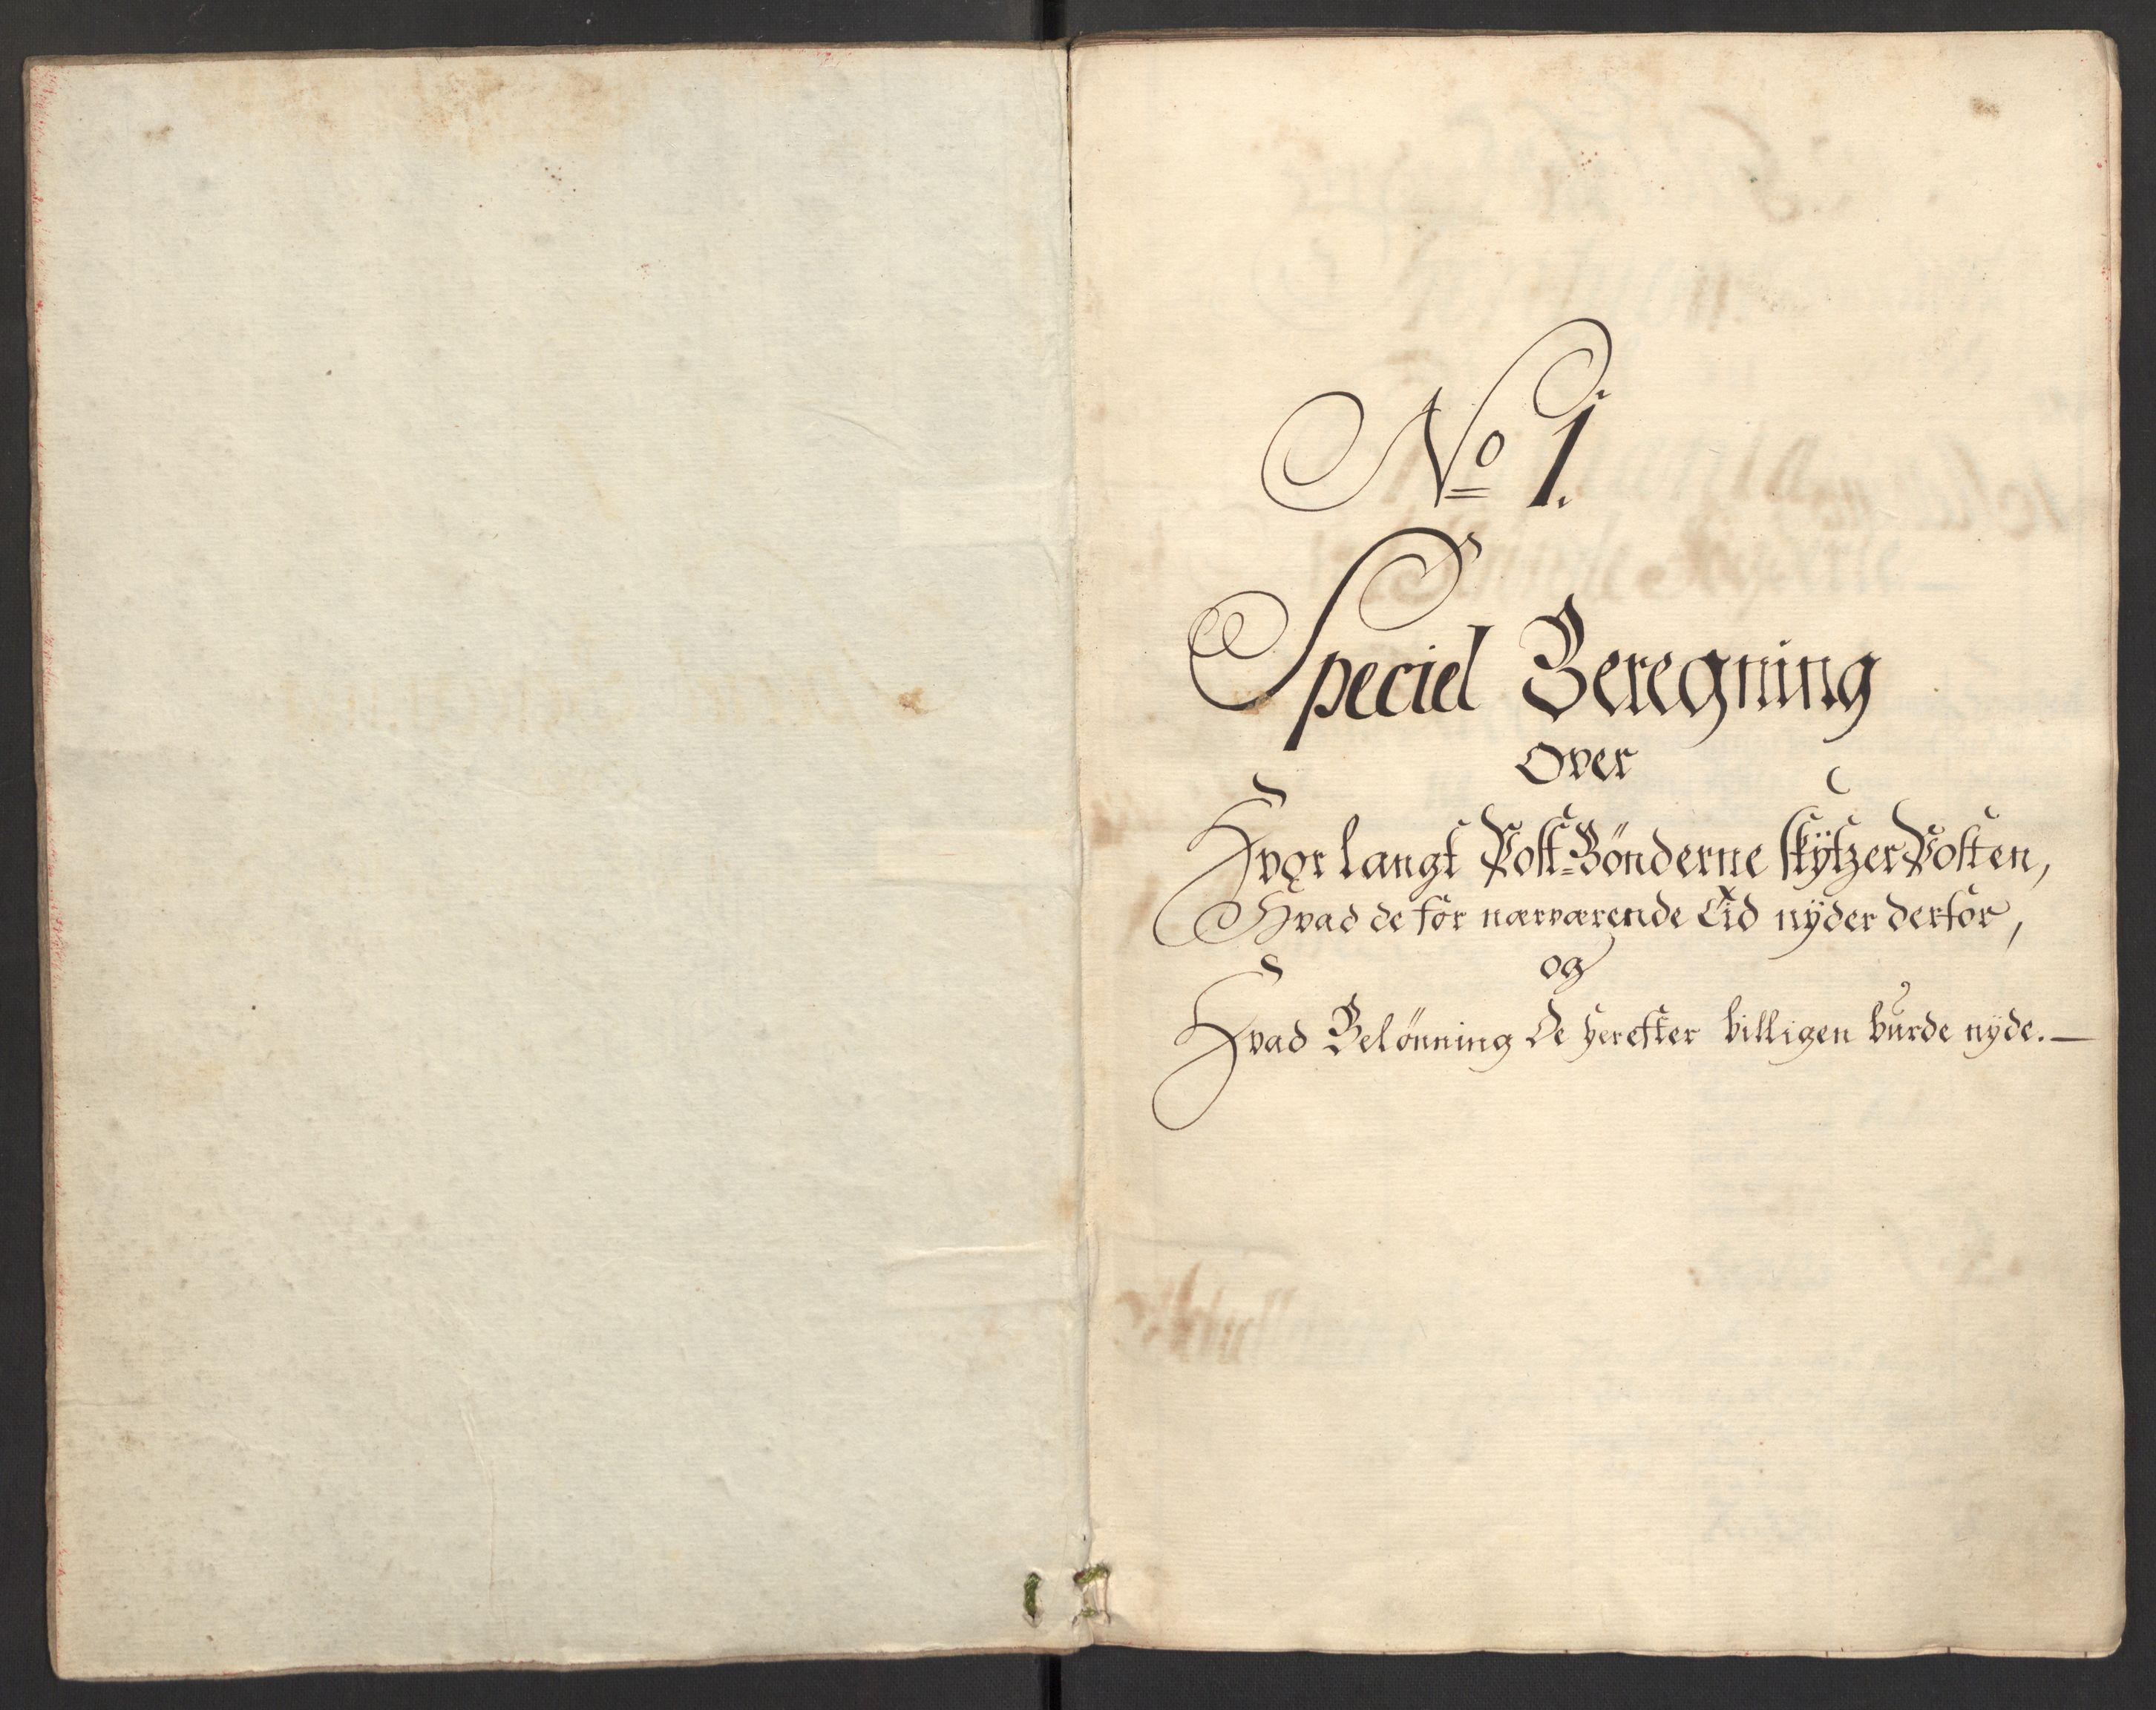 RA, Generalpostdireksjonen 1719-1814, E/L0025: Fortegnelse og forklaringer om postturene i Norge, 1752-1754, s. 3